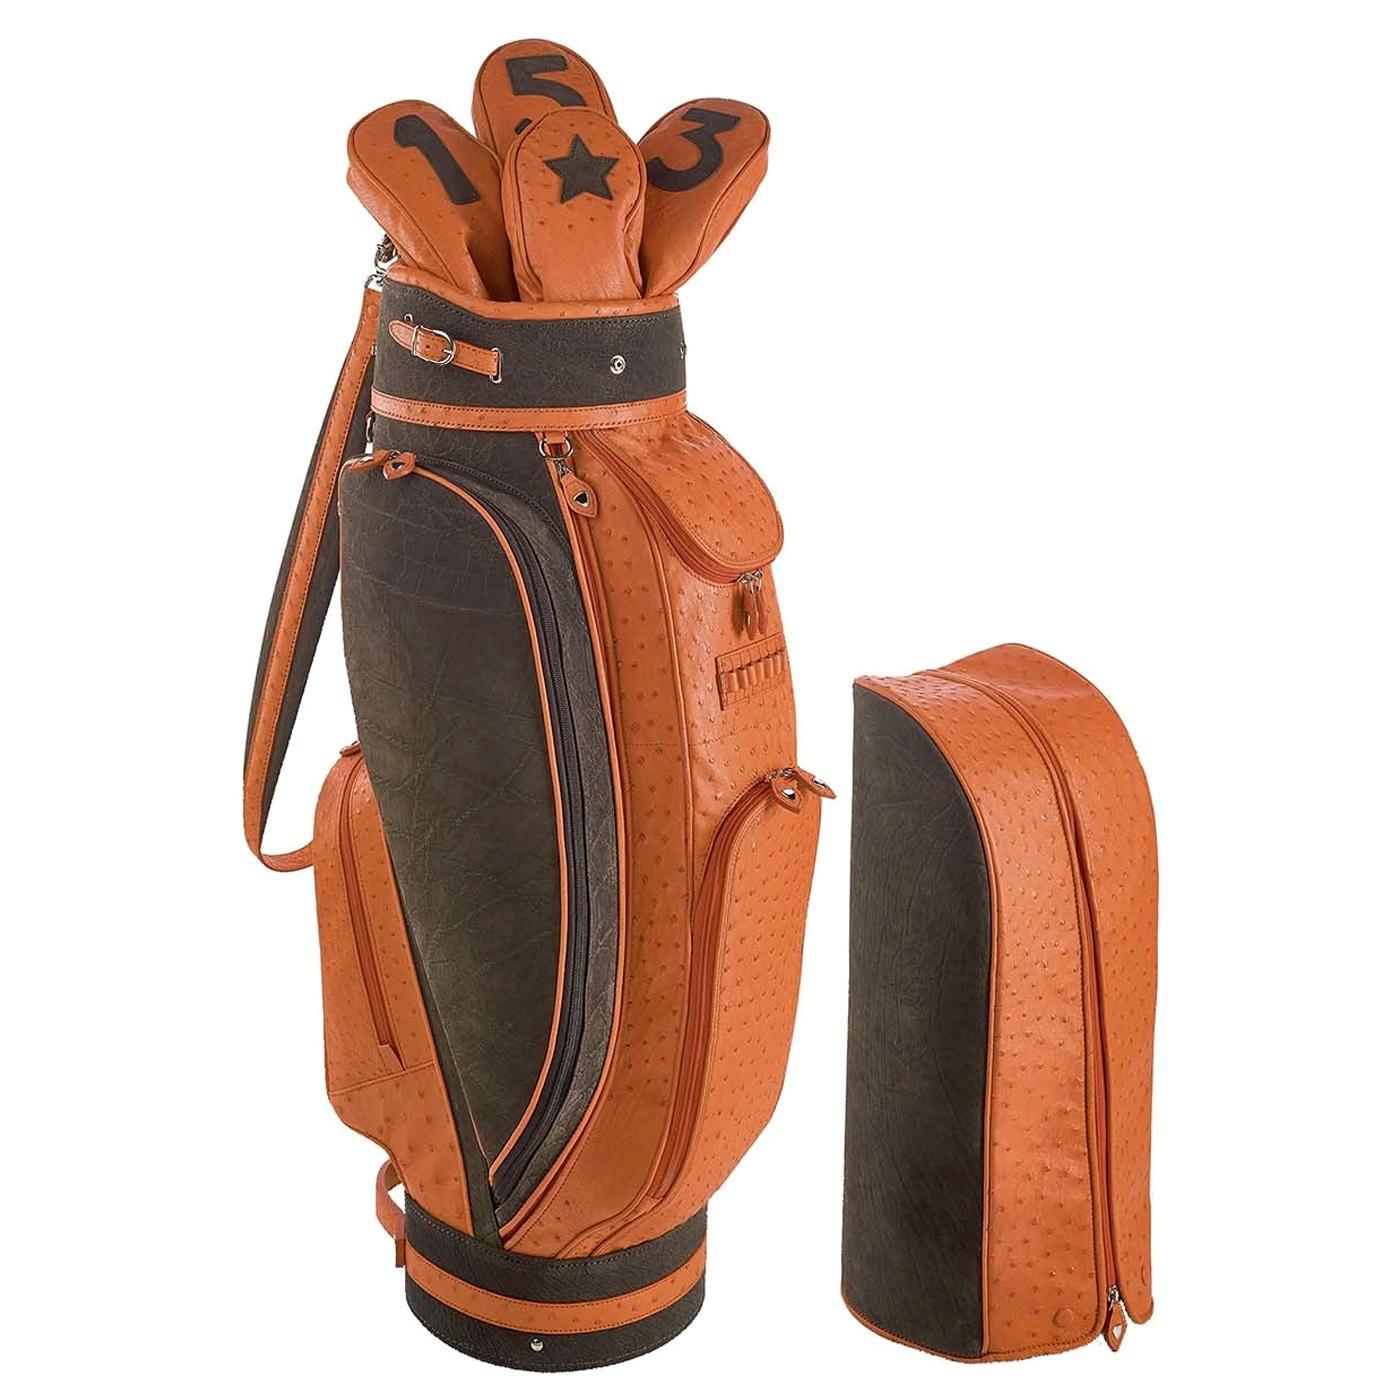 Royal Orange Golf Bag by Barchi